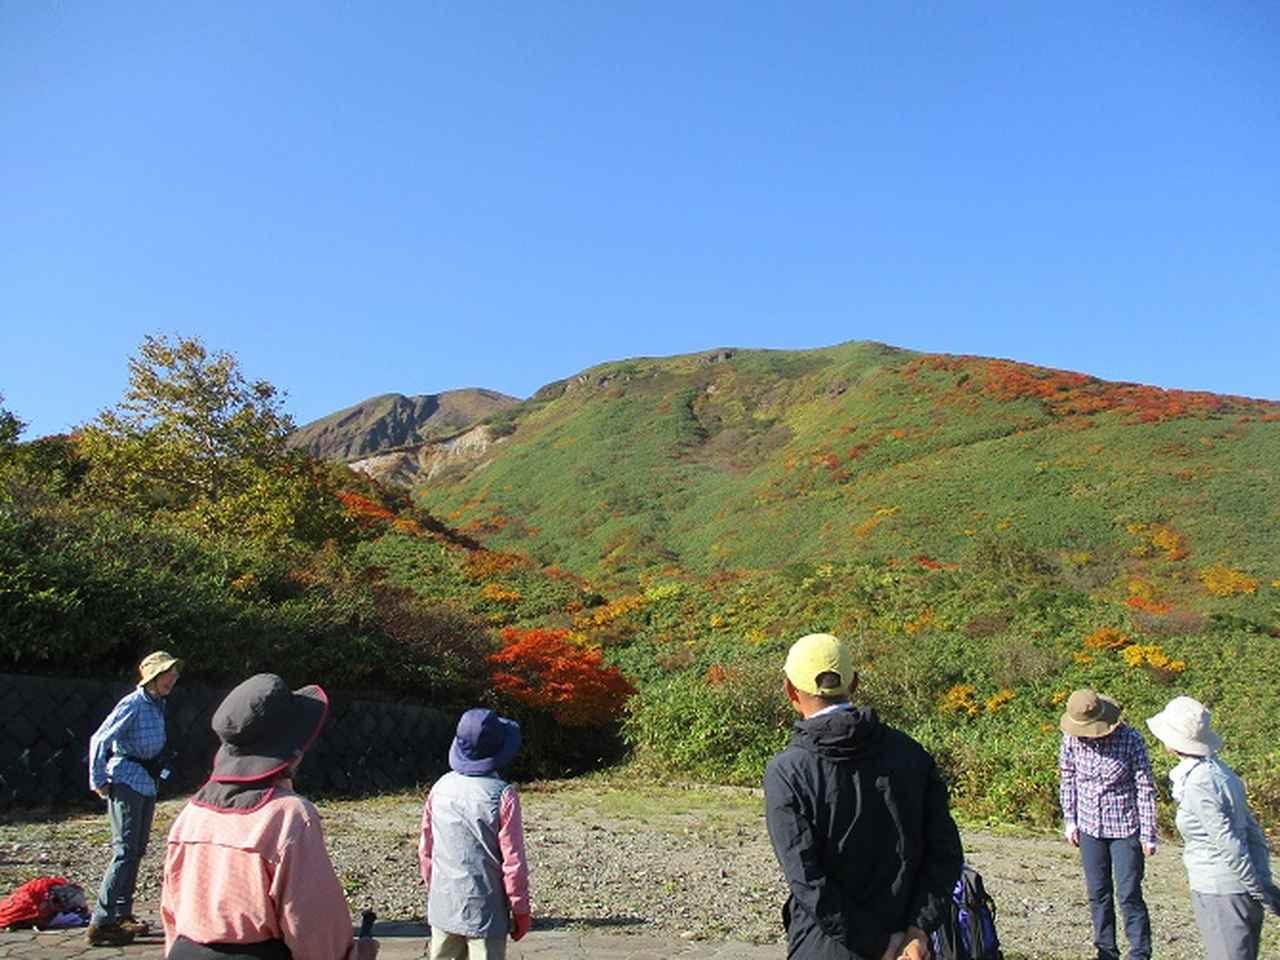 画像7: 9月30日より山旅会 「八幡平・秋田駒」 ツアーに行ってきました!